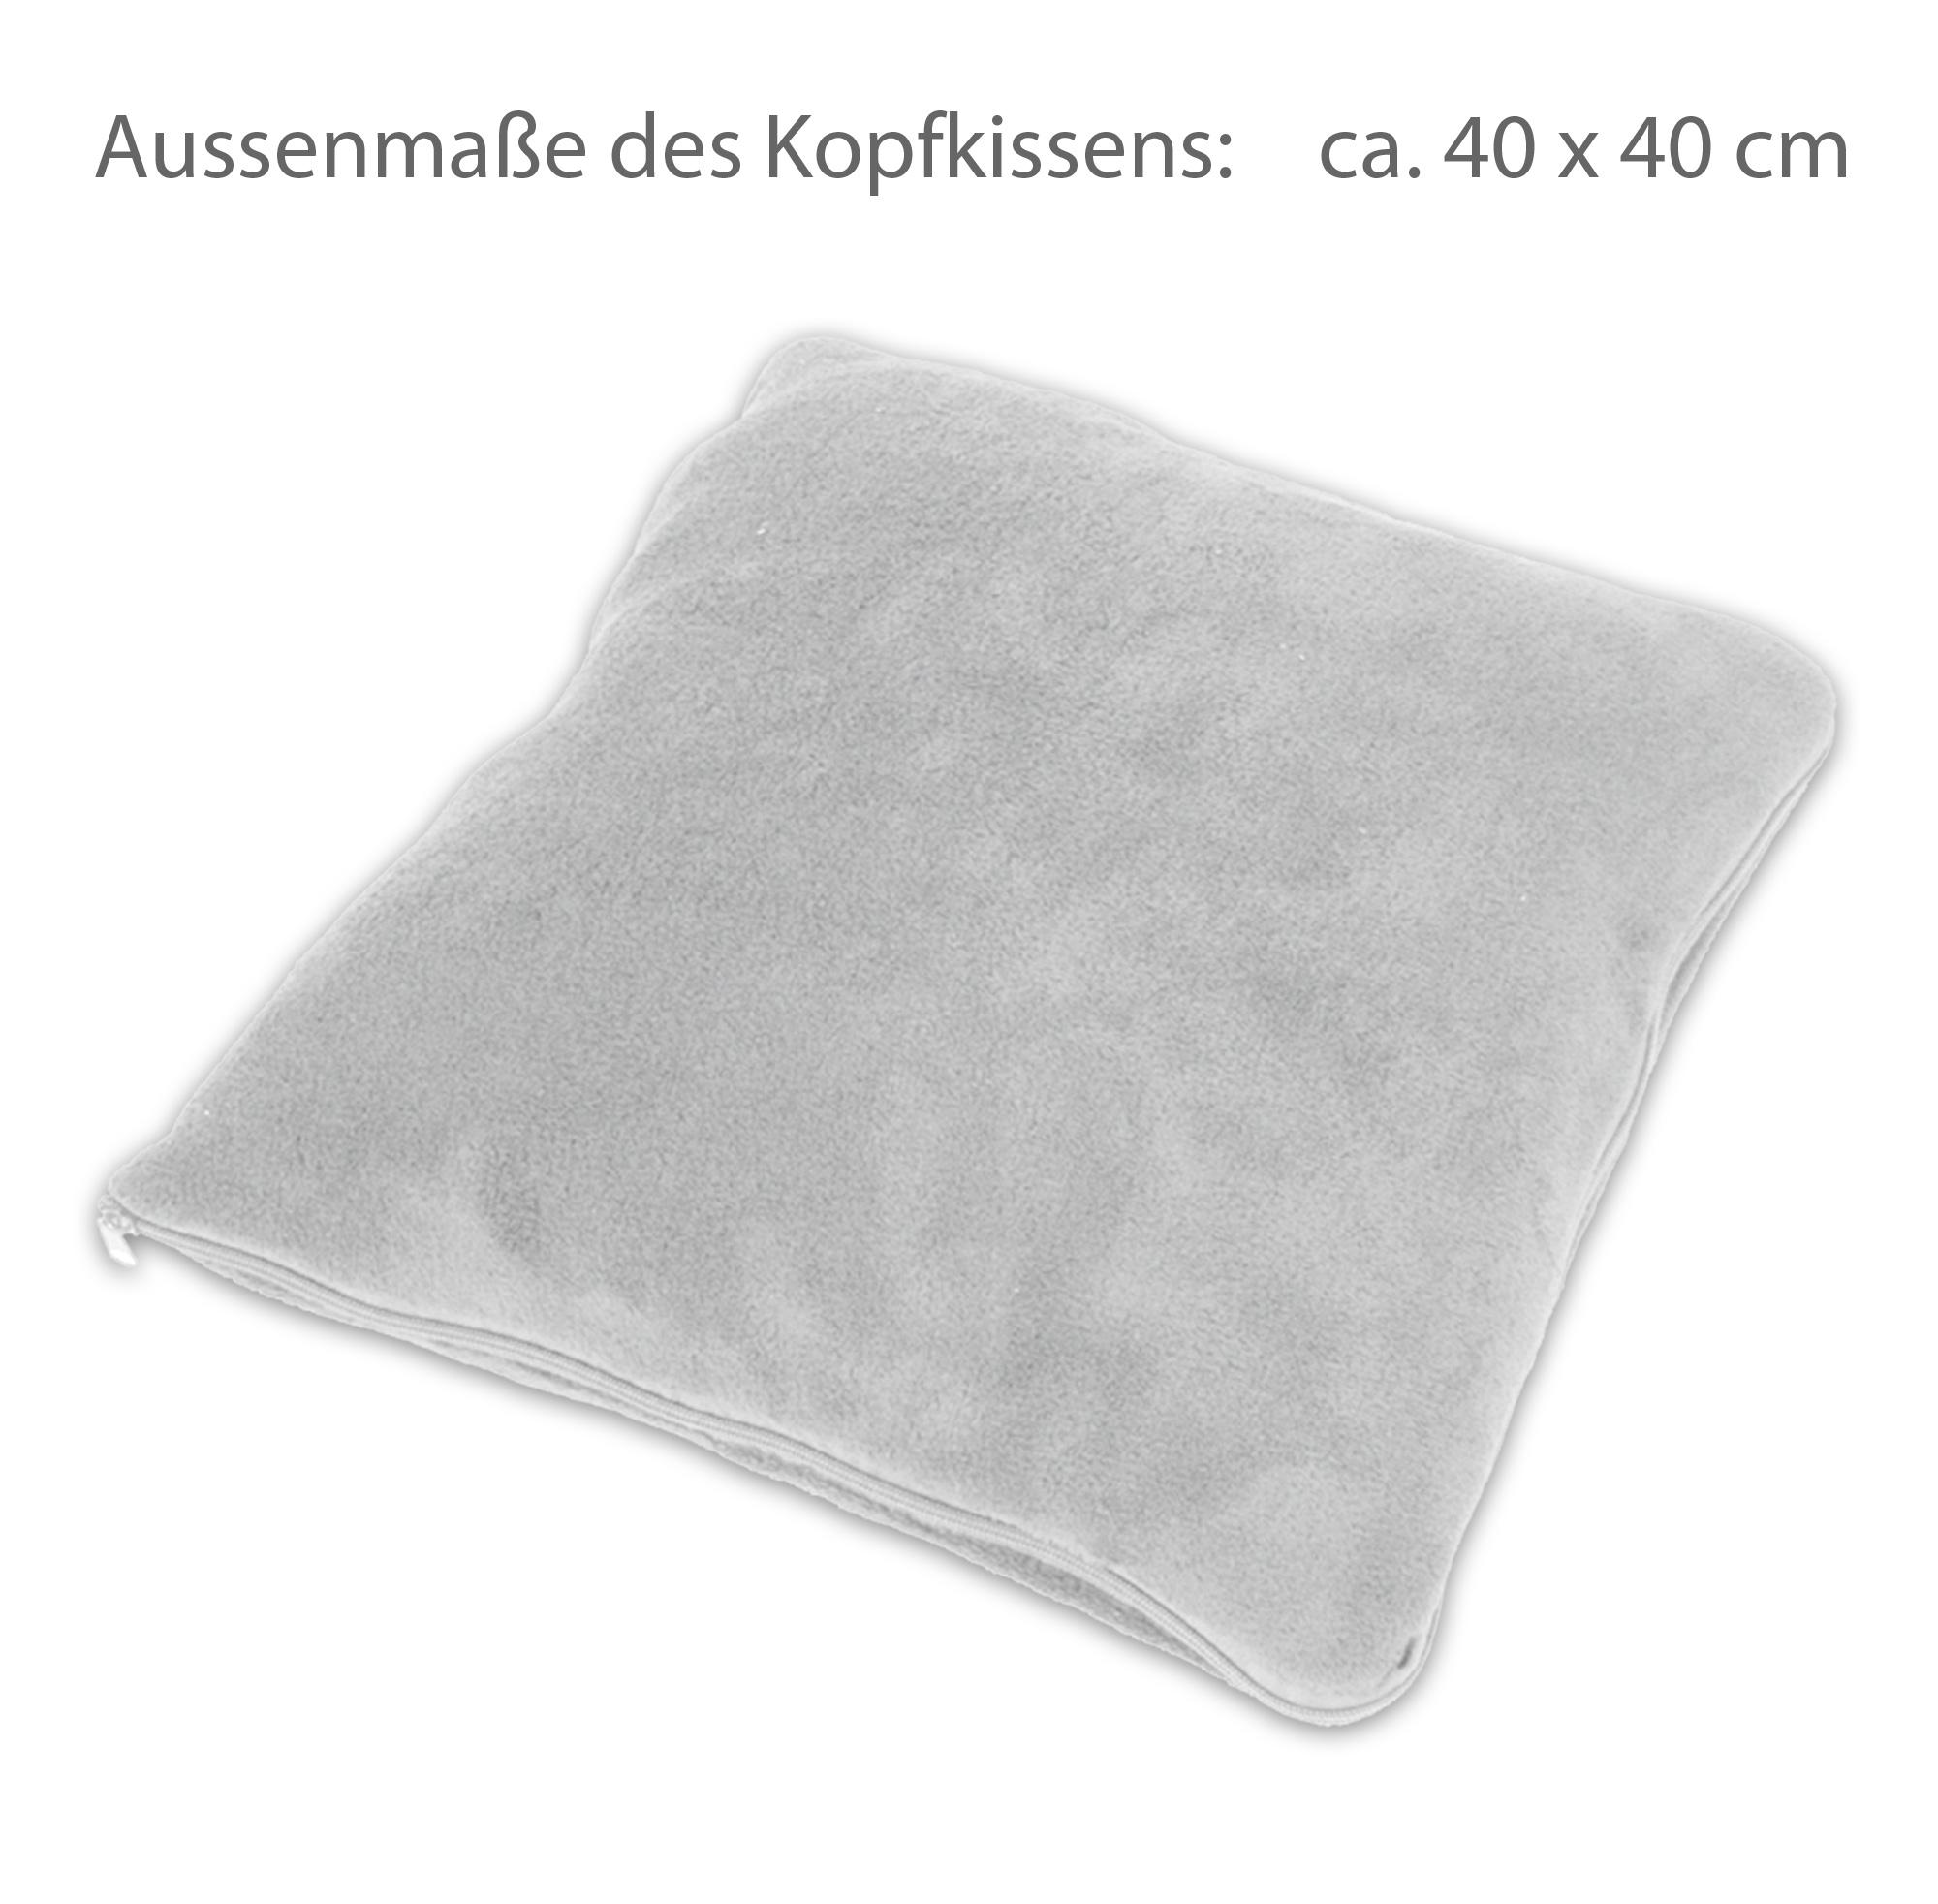 2in1 wohlf hlkissen kopfkissen kissen kuscheldecke wohndecke decke hellgrau ebay. Black Bedroom Furniture Sets. Home Design Ideas